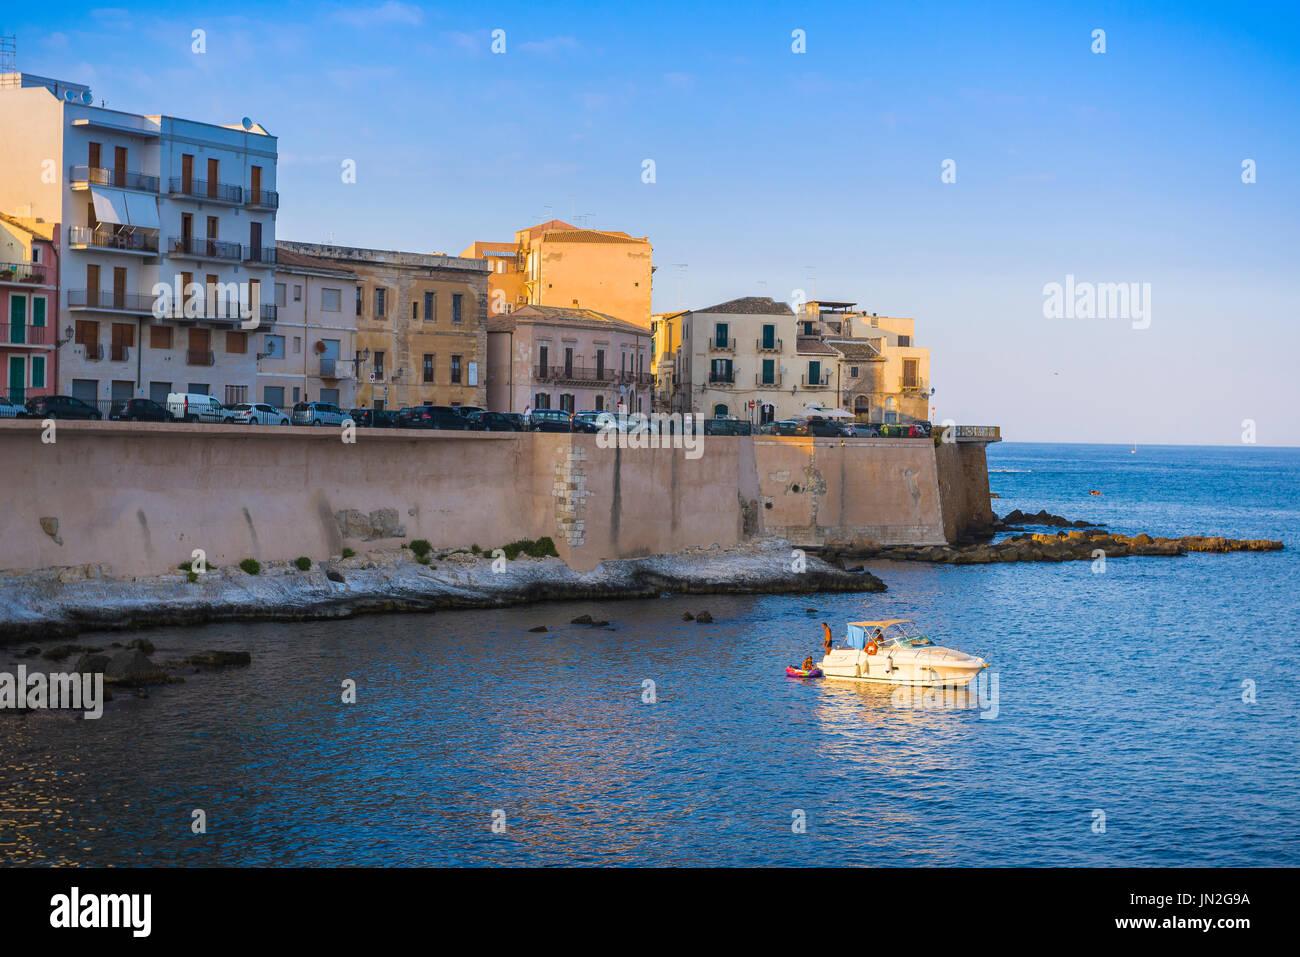 Sicilia bay, al tramonto in una piccola baia a sud dell isola di Ortigia (Siracusa) Sicilia, una famiglia potrete rilassarvi su una barca di svago. Immagini Stock